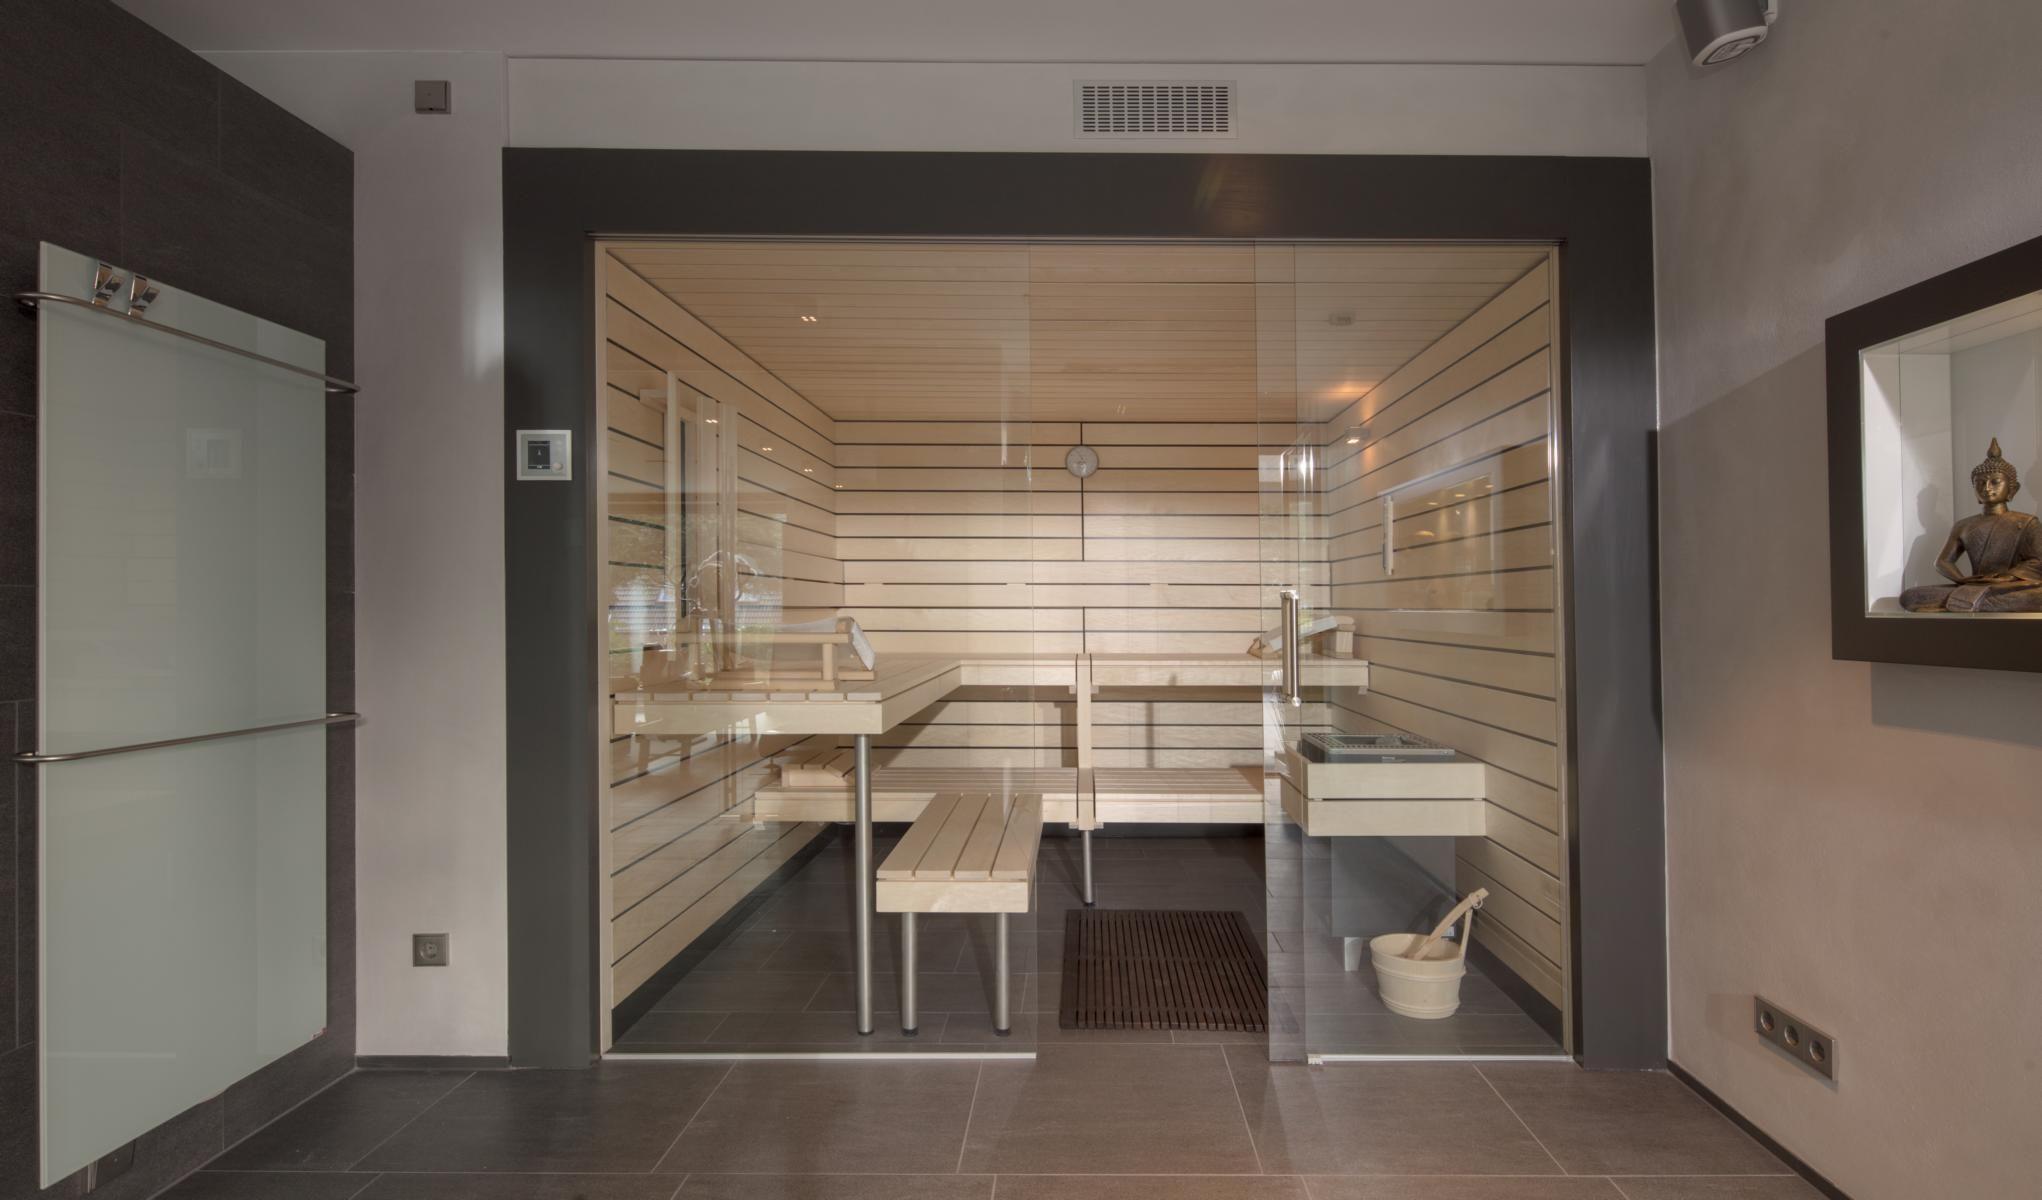 Stylish Designsauna In Heller Espe Mit Infrarotstrahler Massanfertigung Von Corso Sauna Manufaktur Designsauna Desi Sauna Fur Zuhause Sauna Modernes Design